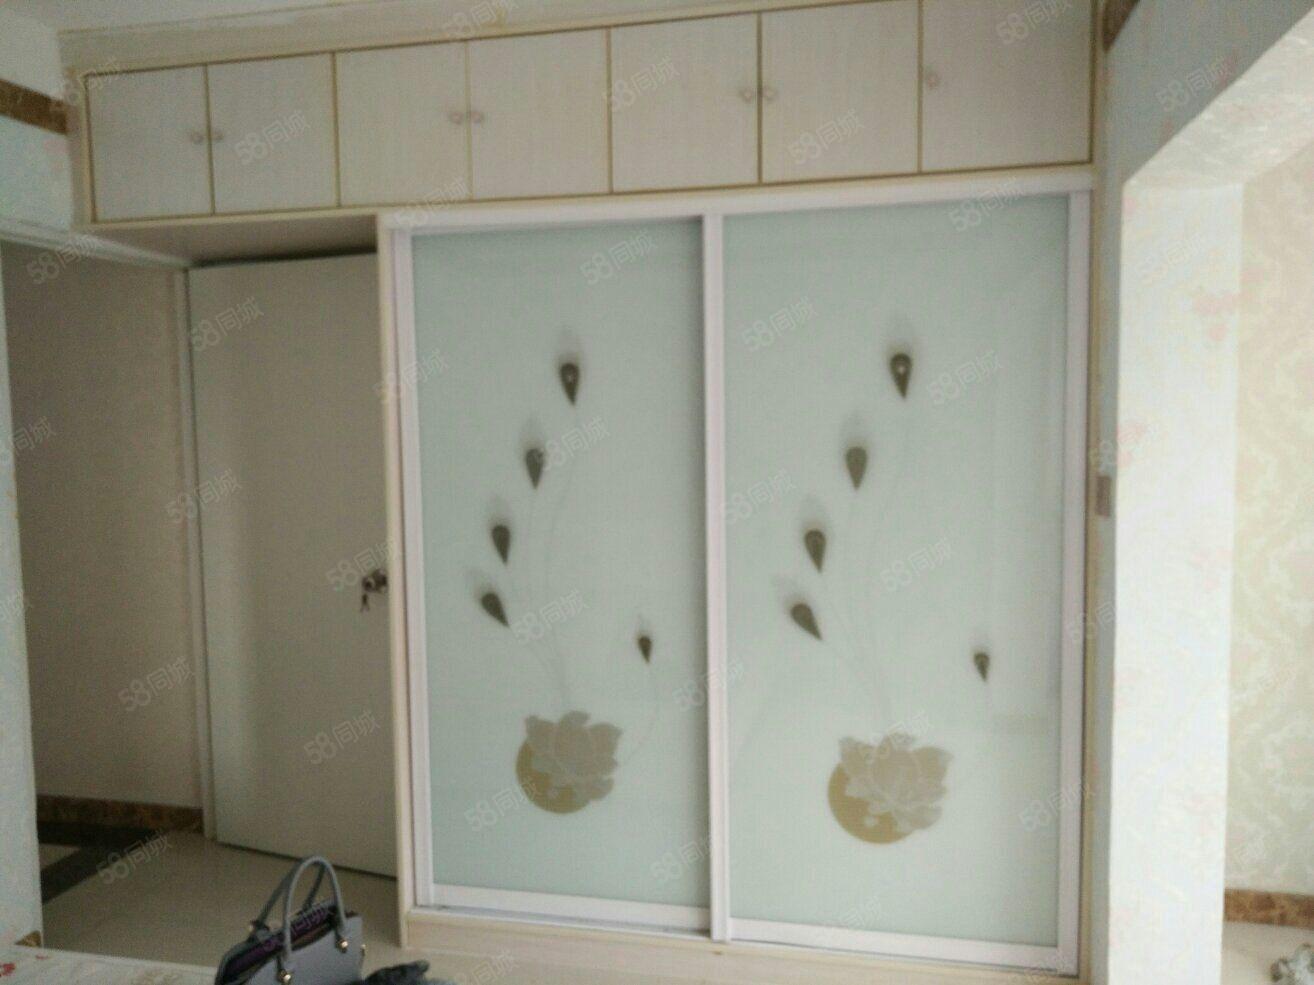 急租阳光馨苑B区1室1厅1卫室内精装修带家具